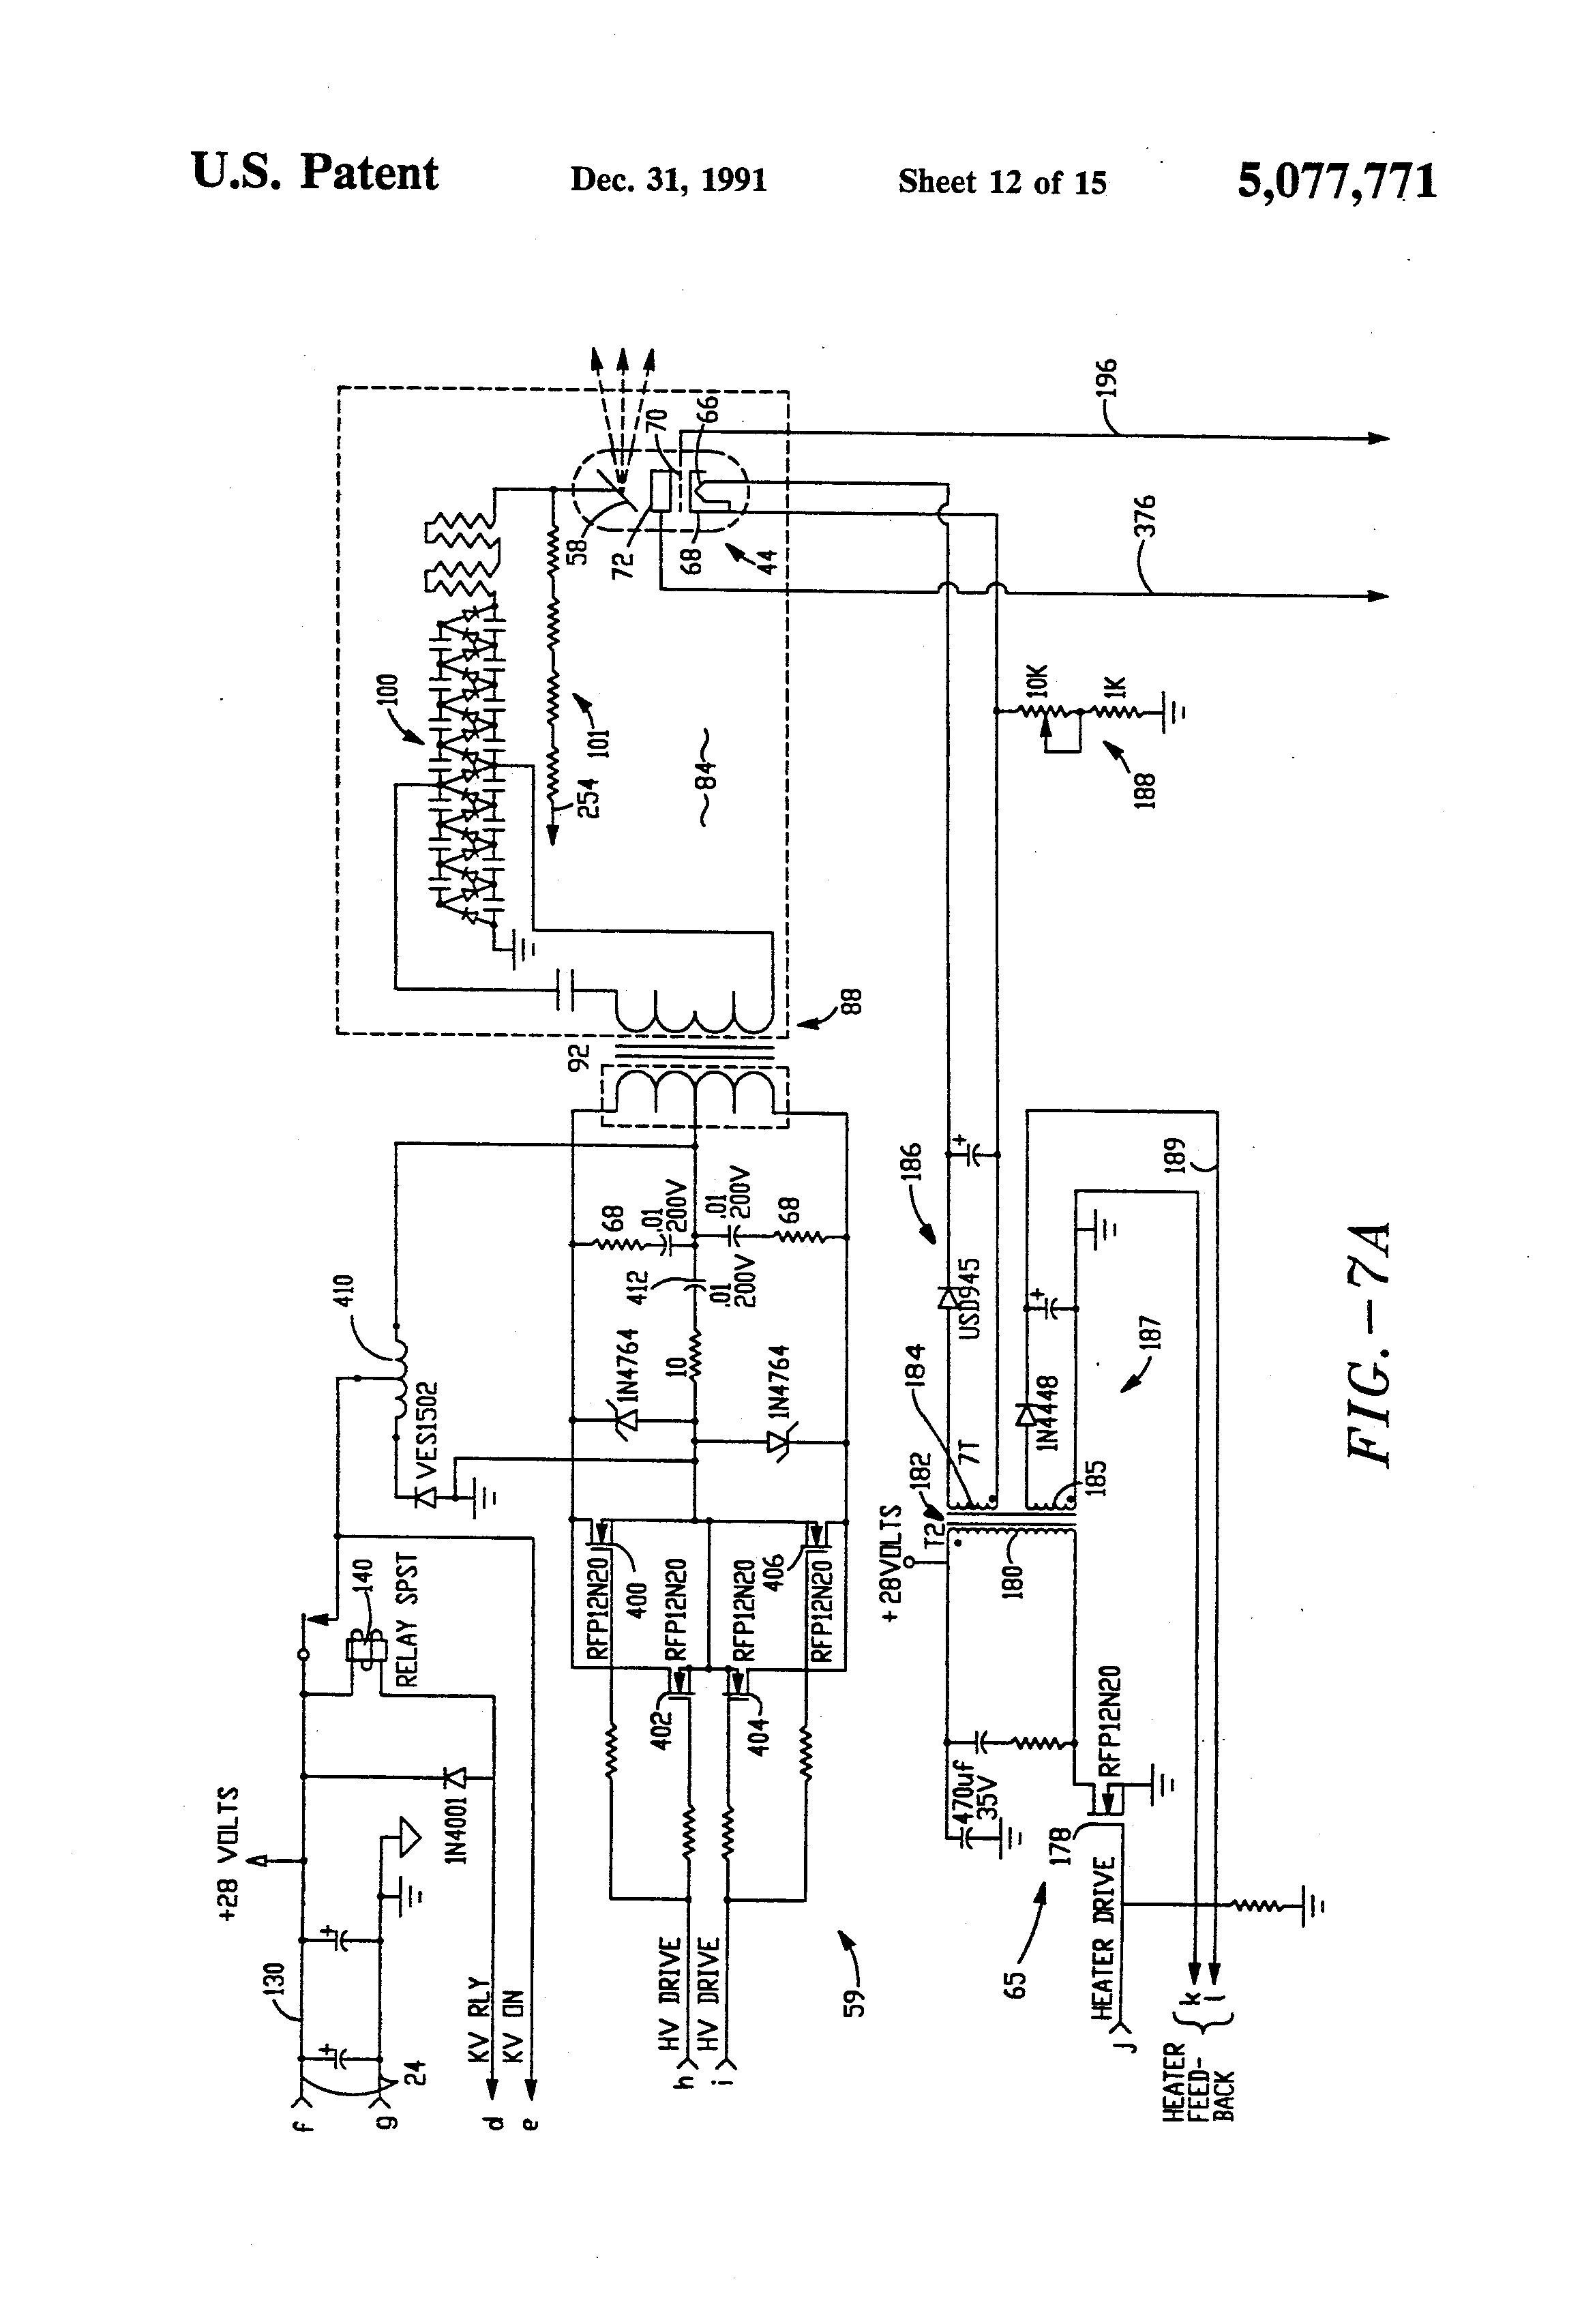 Federal Signal Pa300 Wiring Iagram List Code 3 Mx7000 Wiring Iagram & Us